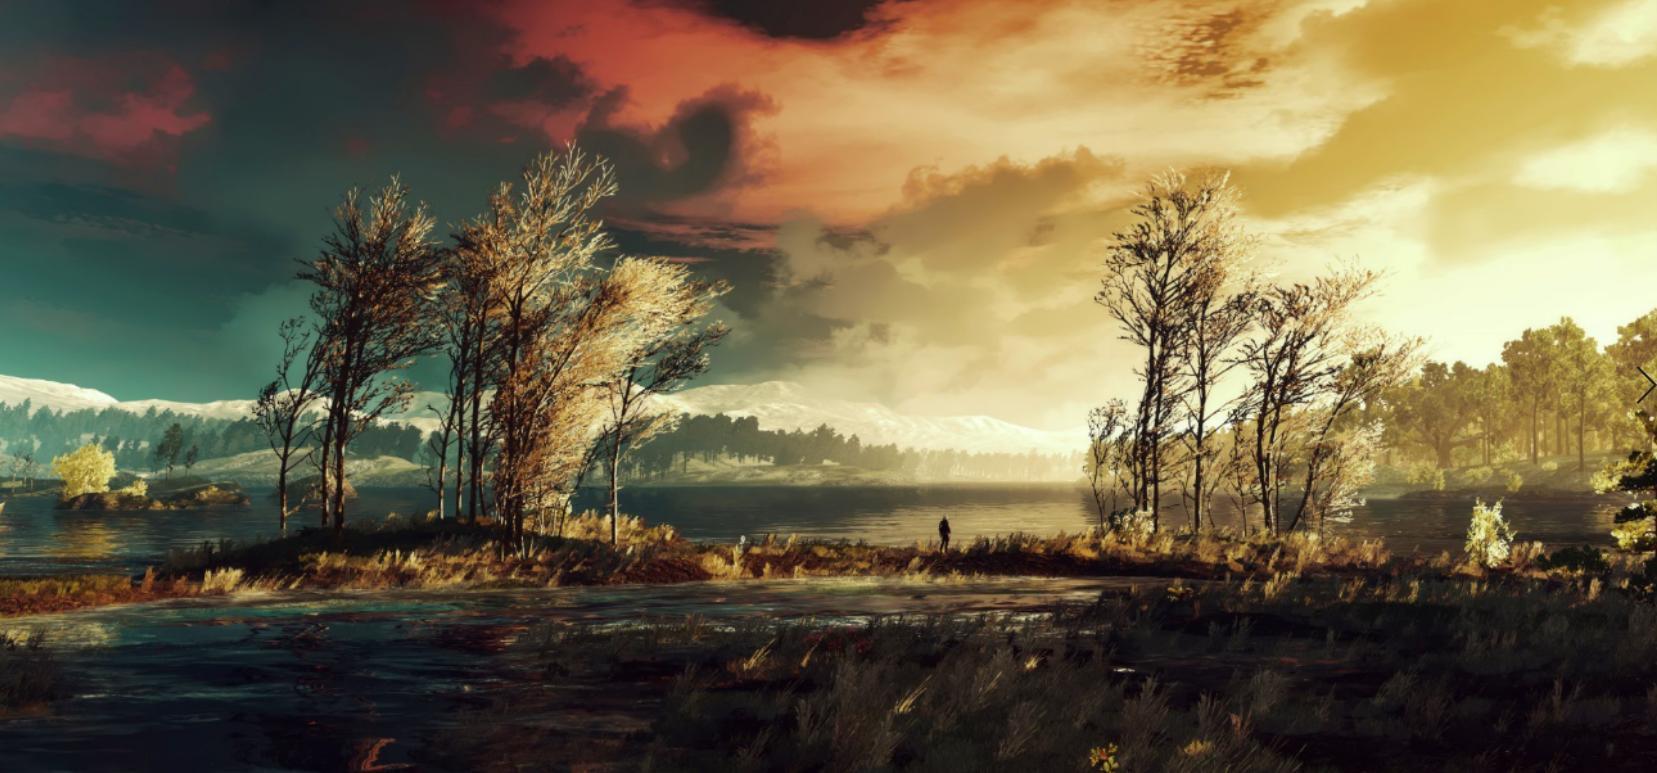 焚香谷加点_巫师三: 狂猎壁纸分享-第13张图片-游戏摸鱼怪